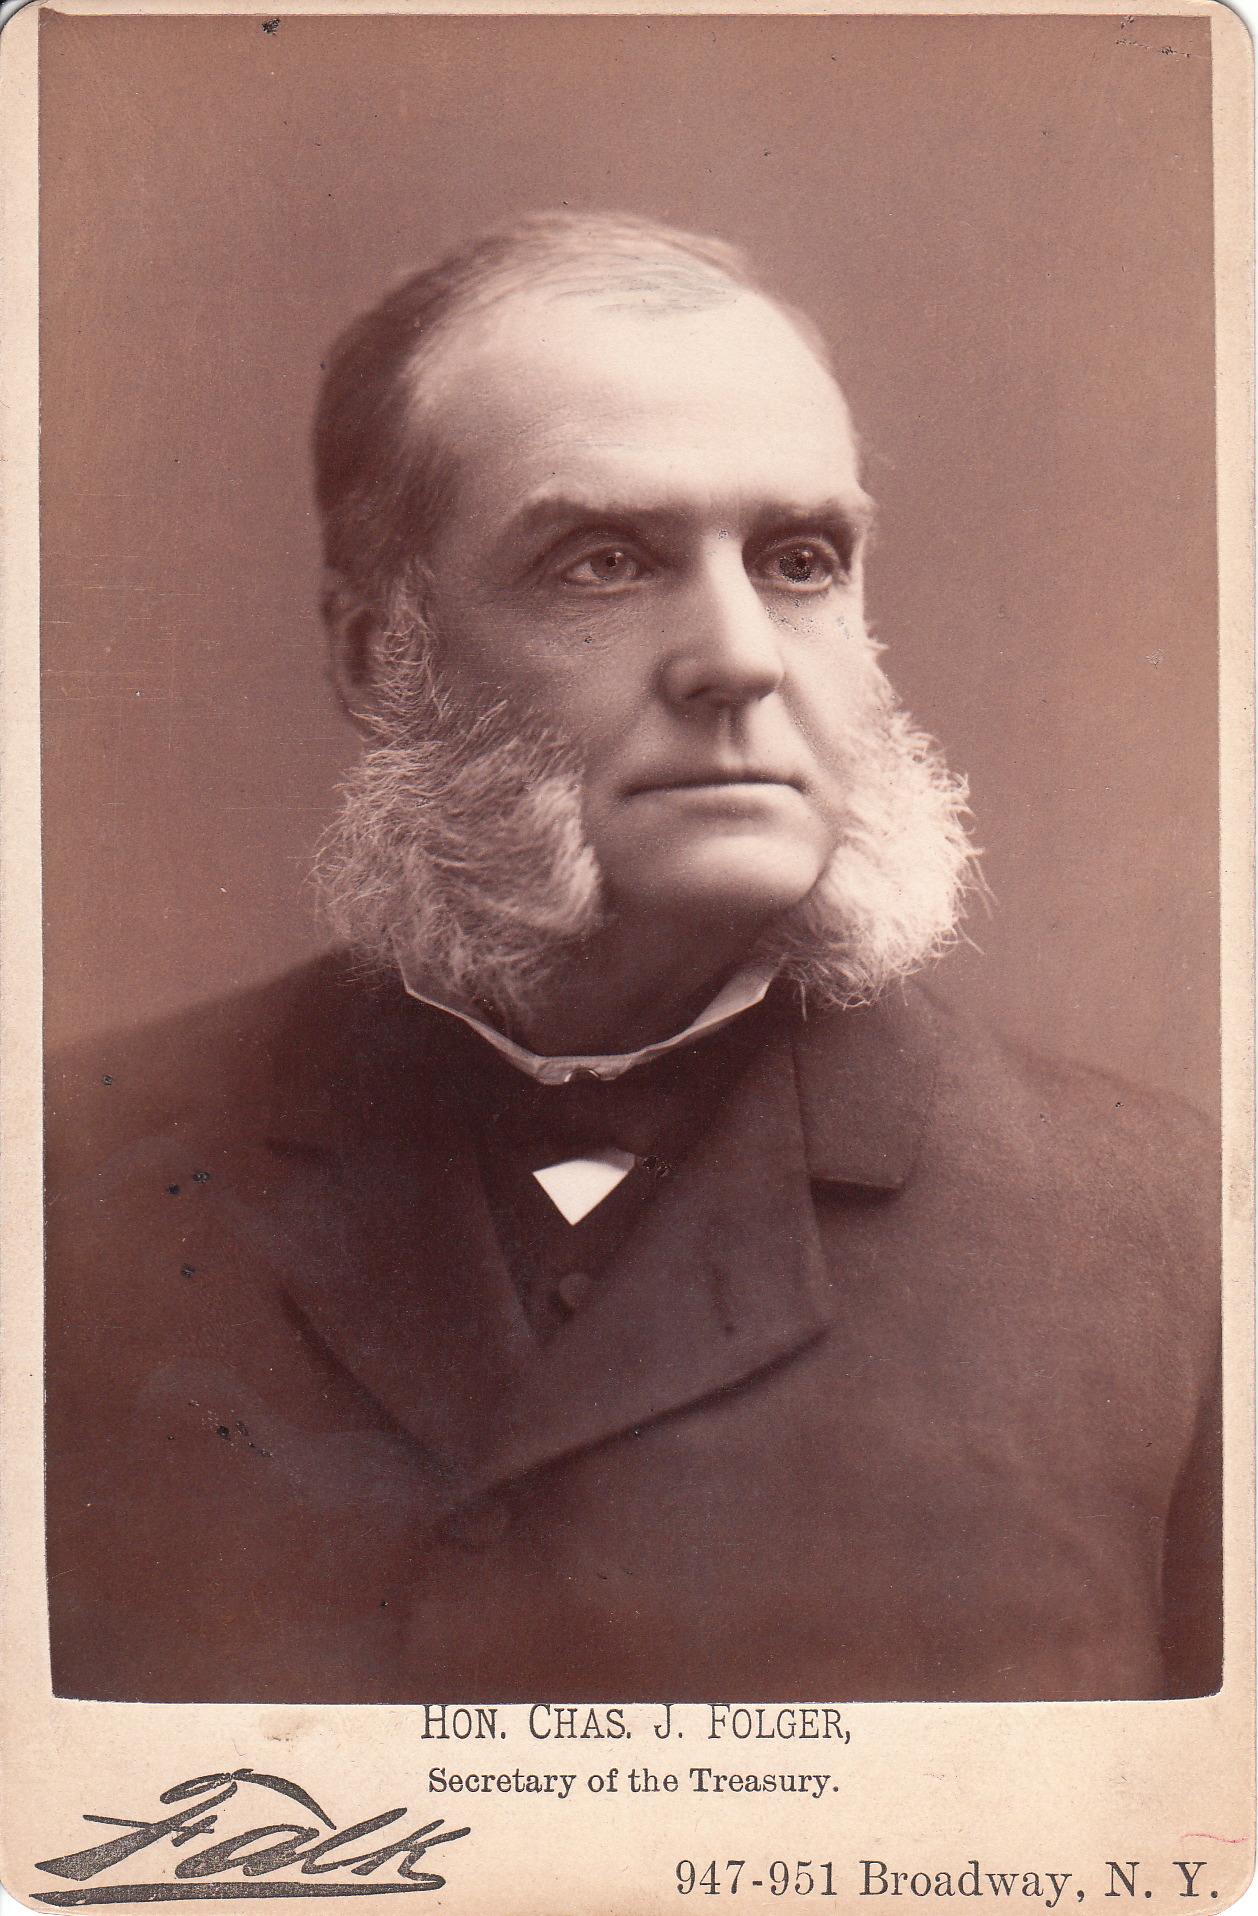 Charles J. Folger #